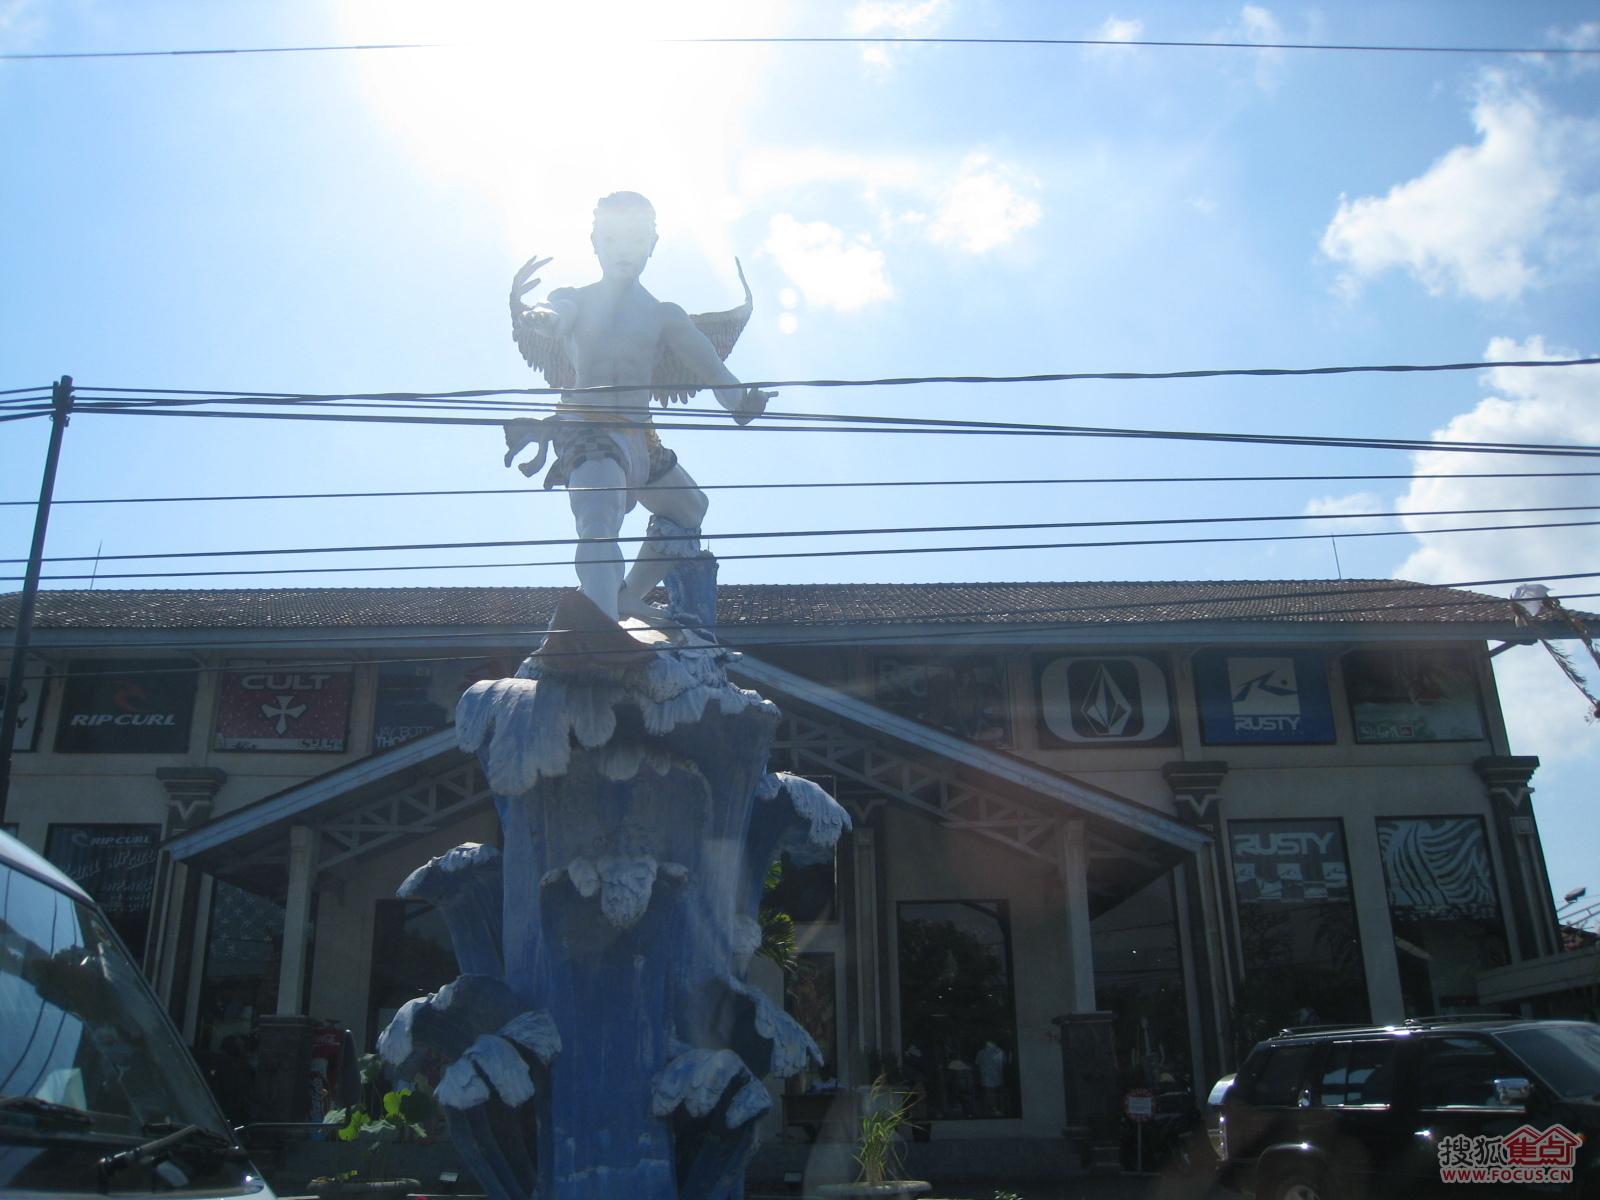 > 图: 巴厘岛归来----美术馆,机场,交通,农业,石雕,住宿,工艺